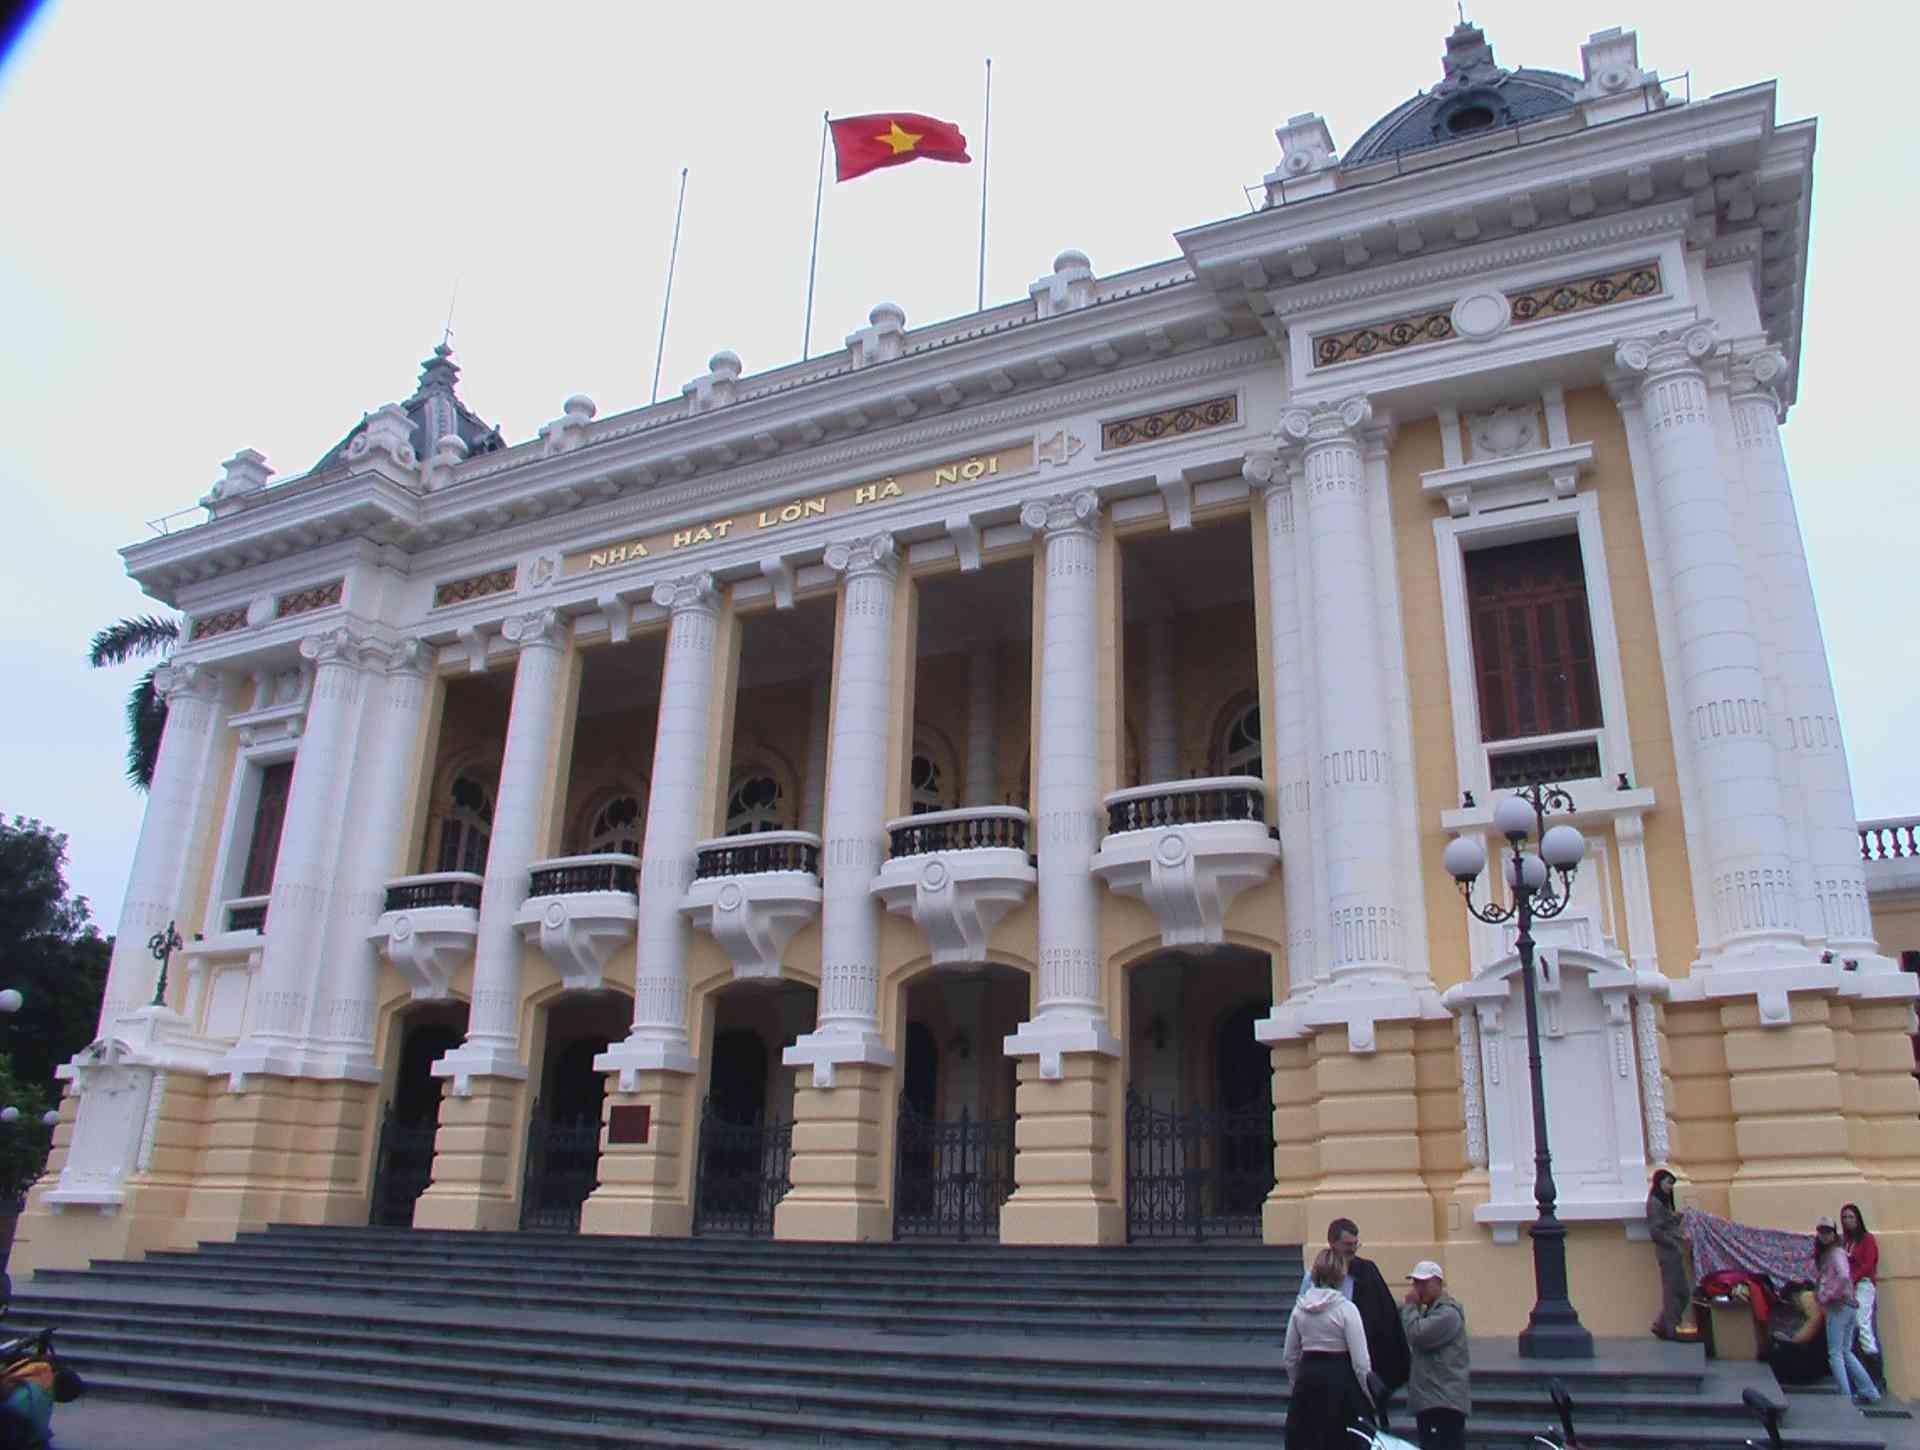 Hanoi Opera House, Vietnam by Karin Jones